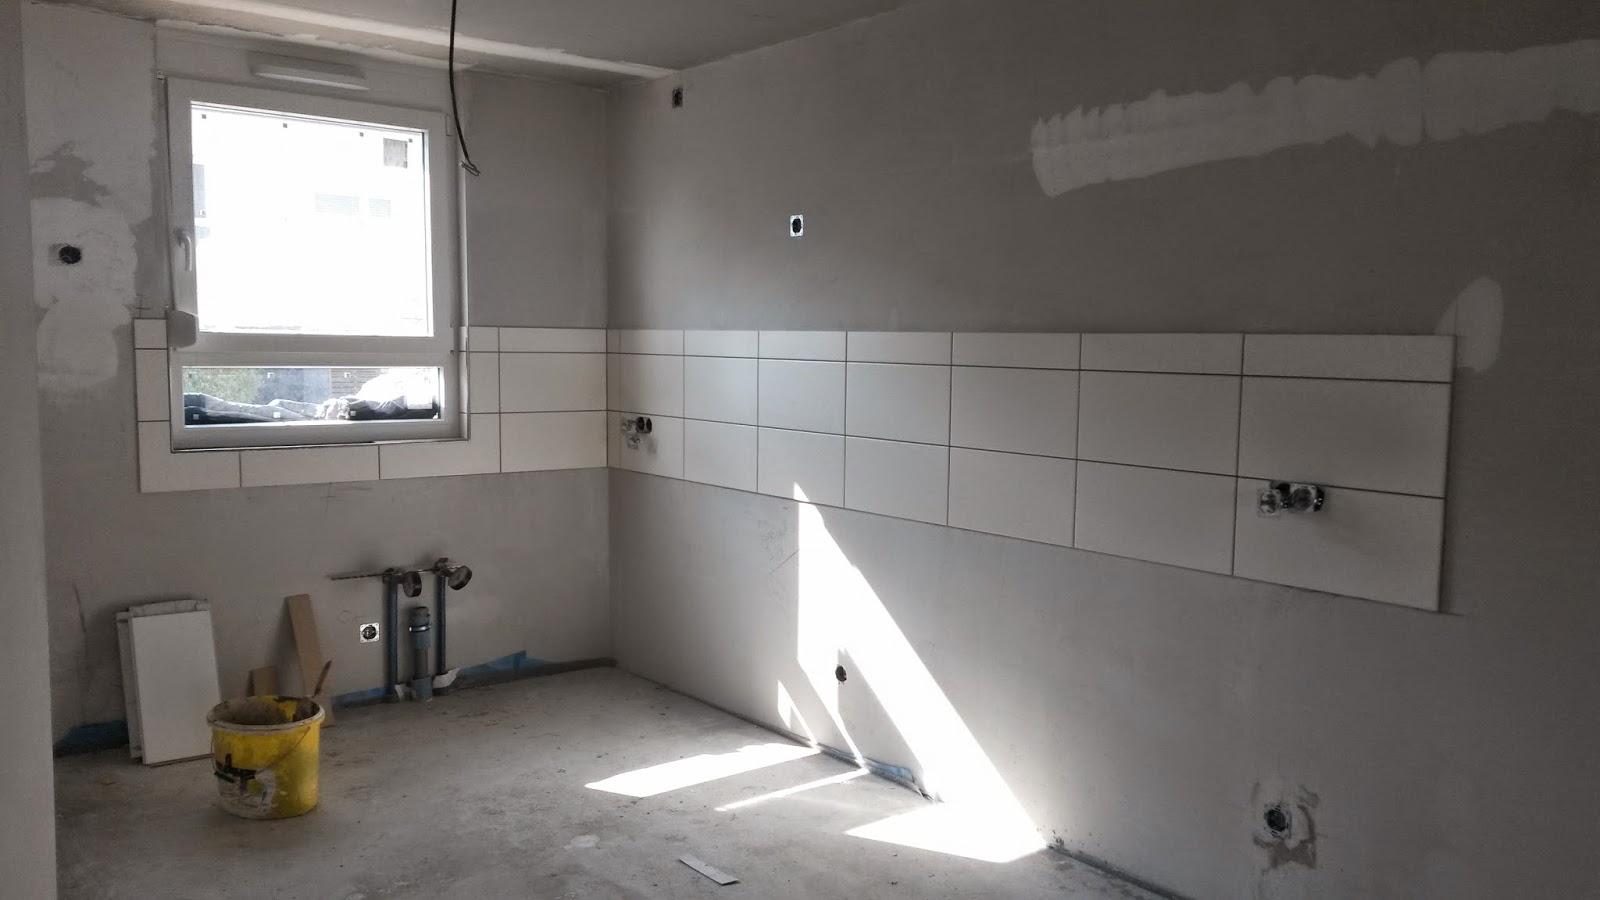 bauen mit werner wohnbau in kelsterbach m rz 2015. Black Bedroom Furniture Sets. Home Design Ideas